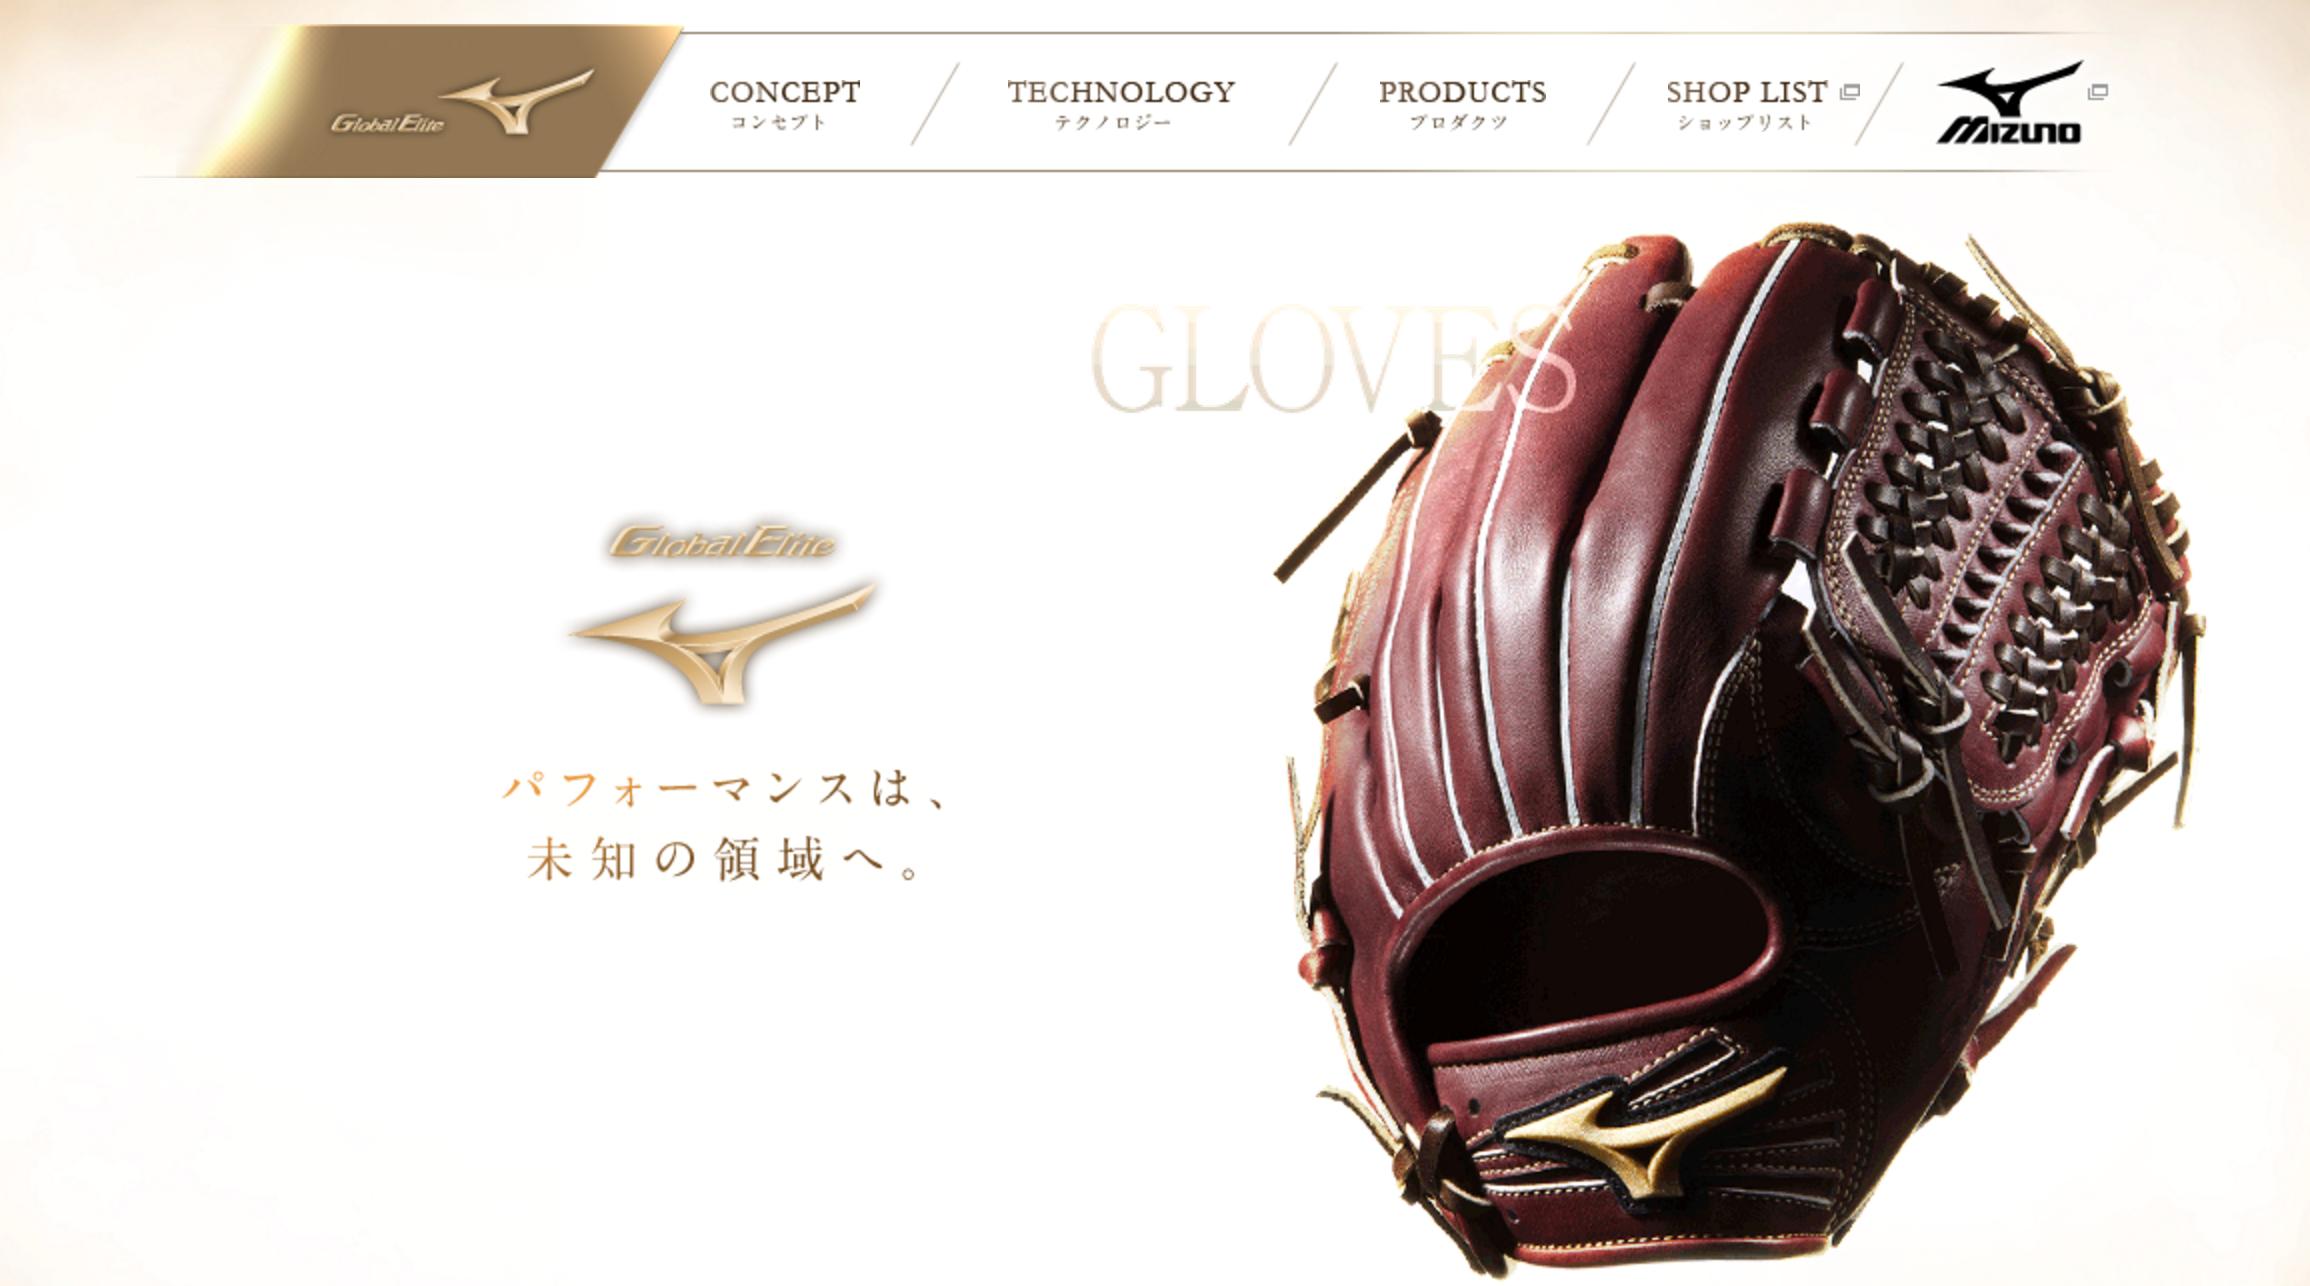 野球グローブメーカー ドナイヤ に学ぶベンチャー企業における マーケティング戦略 ミズノ